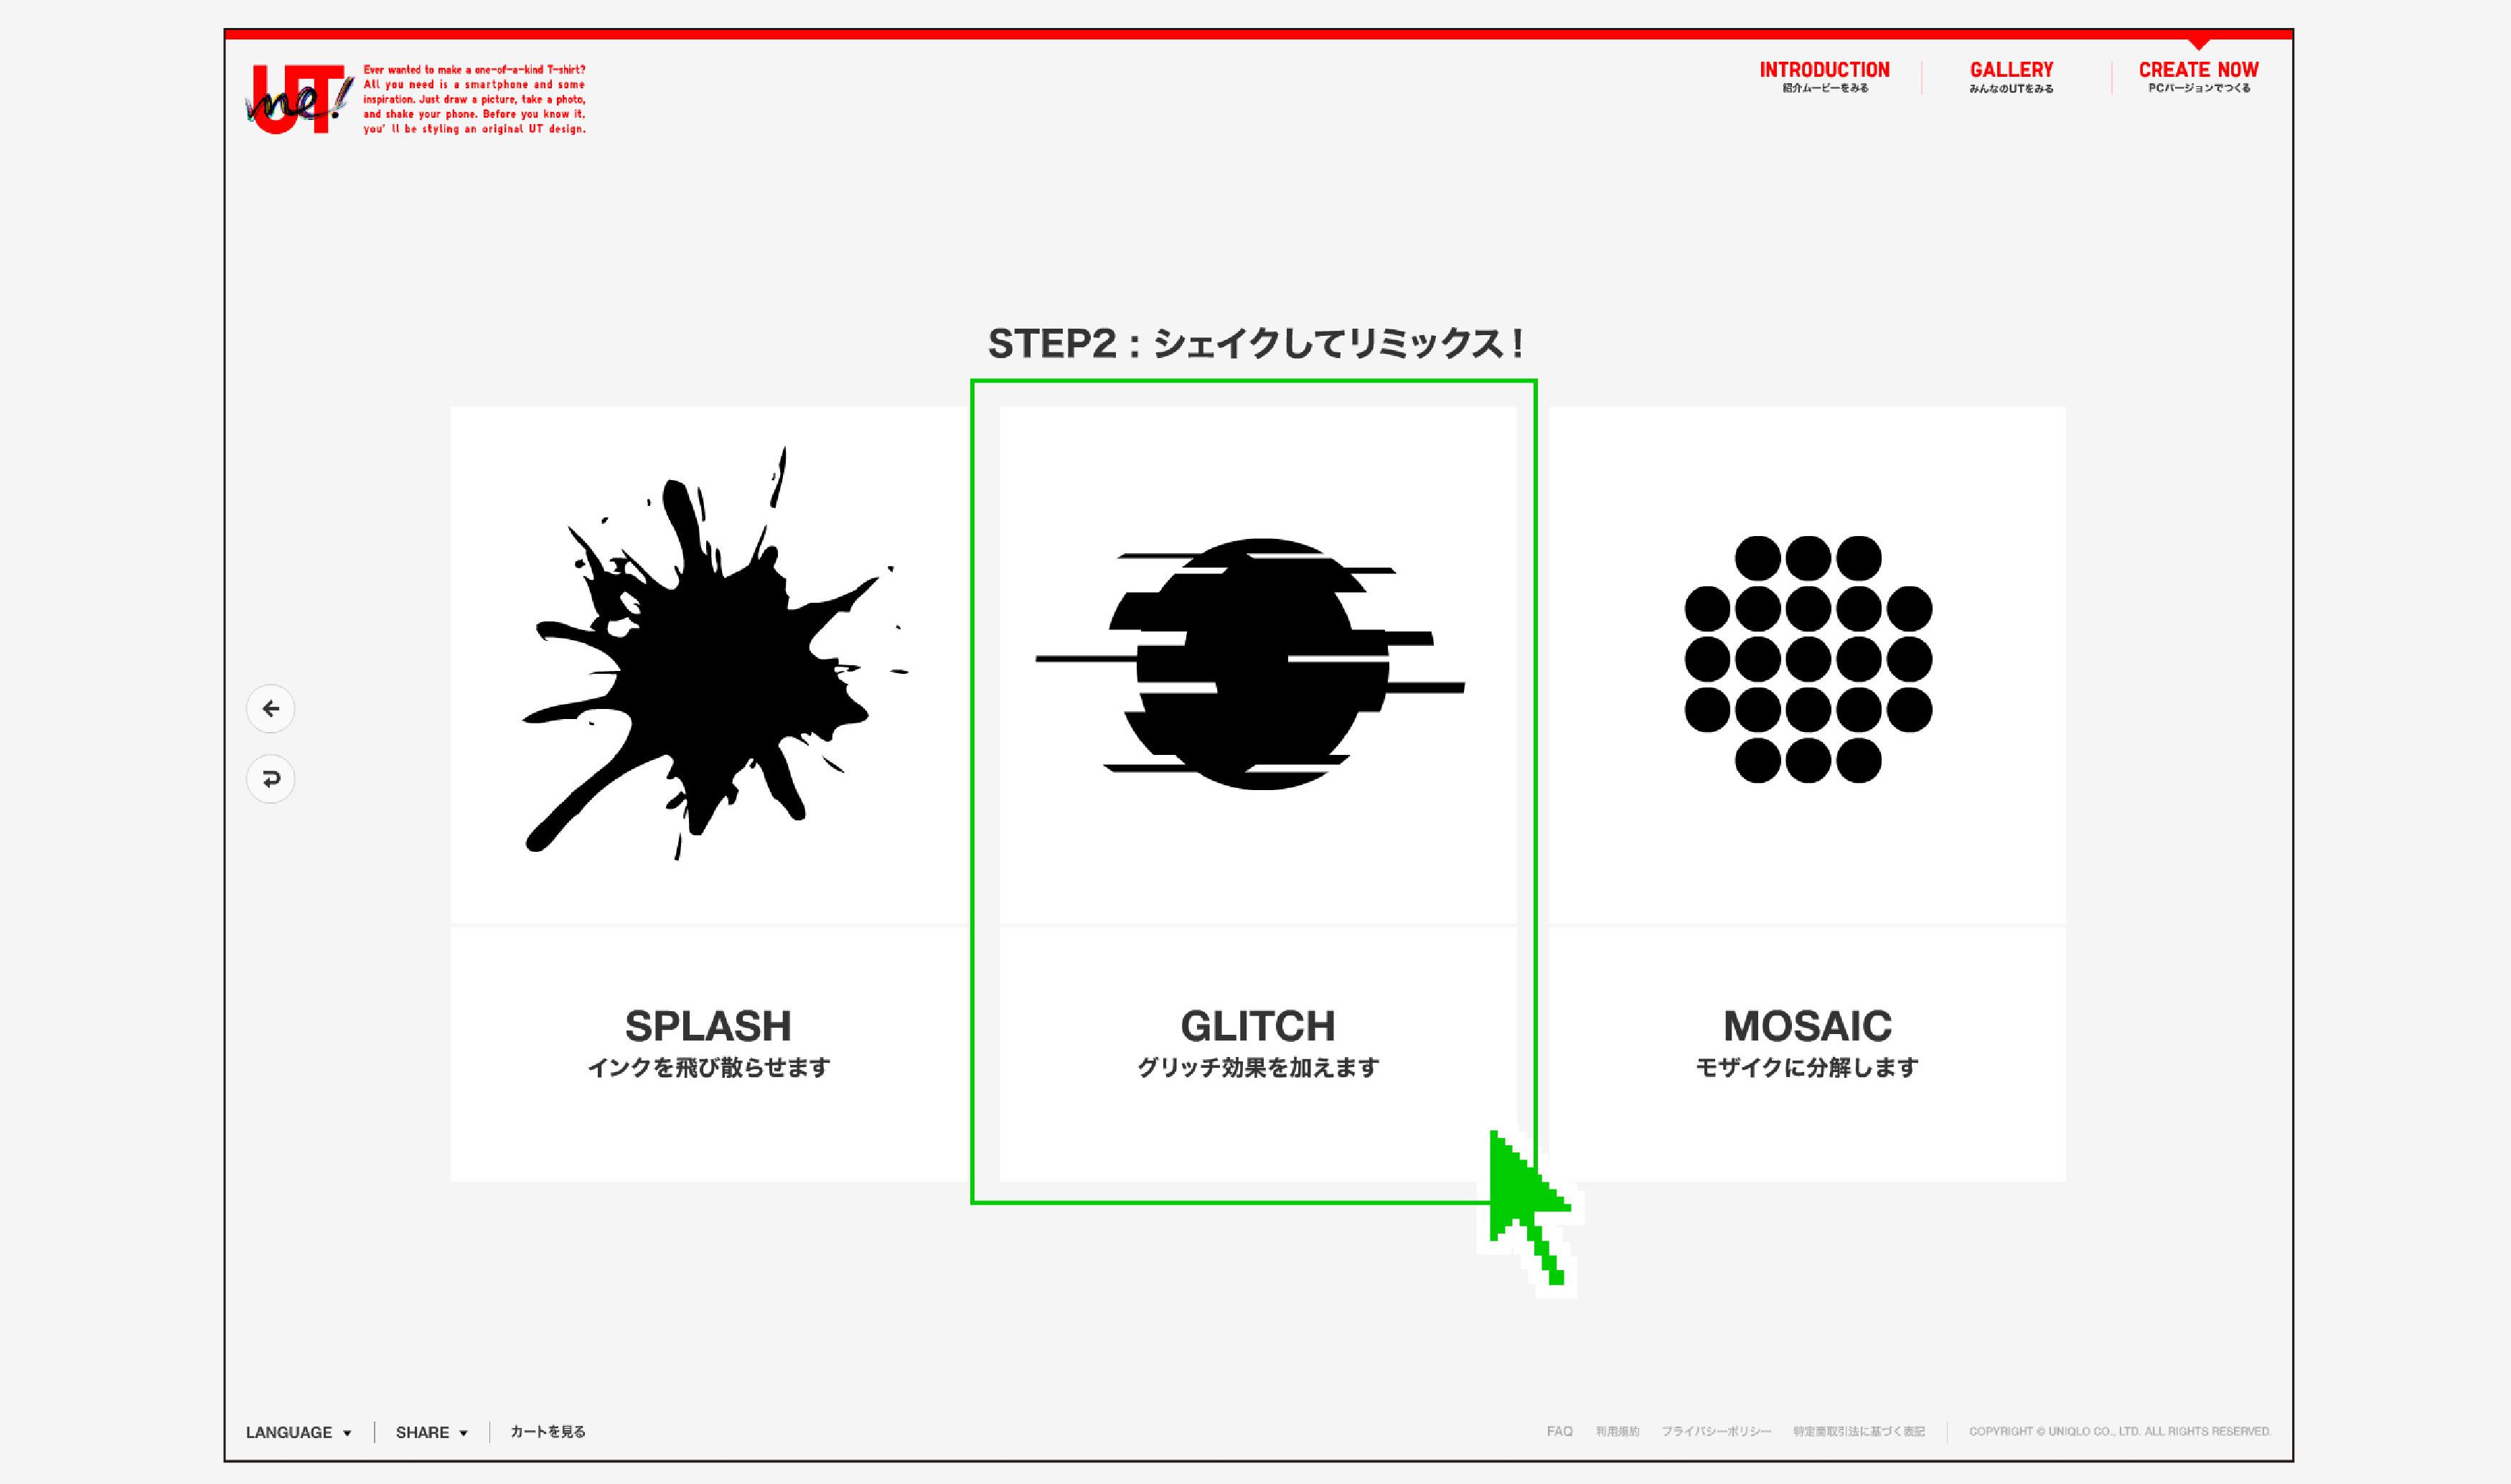 utme_guide6.jpg